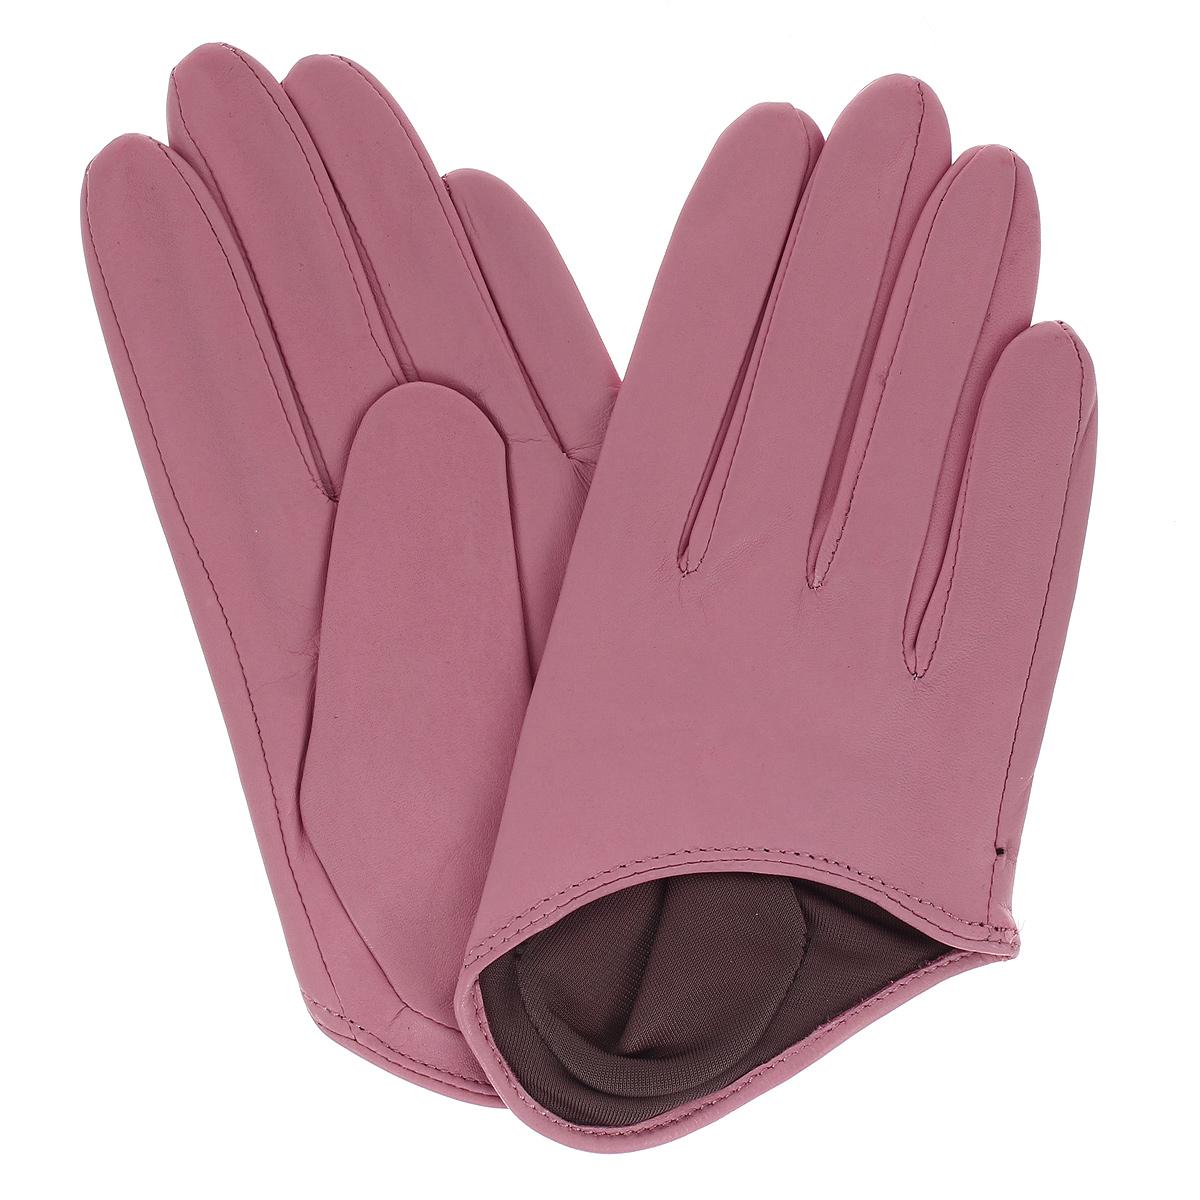 Перчатки женские Michel Katana, цвет: светло-розовый. K81-IN1. Размер 7K81-IN1/ROSEСтильные укороченные перчатки Michel Katana с шелковой подкладкой выполнены из мягкой и приятной на ощупь натуральной кожи ягненка на хлопковой подкладке.Перчатки станут достойным элементом вашего стиля и сохранят тепло ваших рук.Это не просто модный аксессуар, но и уникальный авторский стиль, наполненный духом севера Франции.